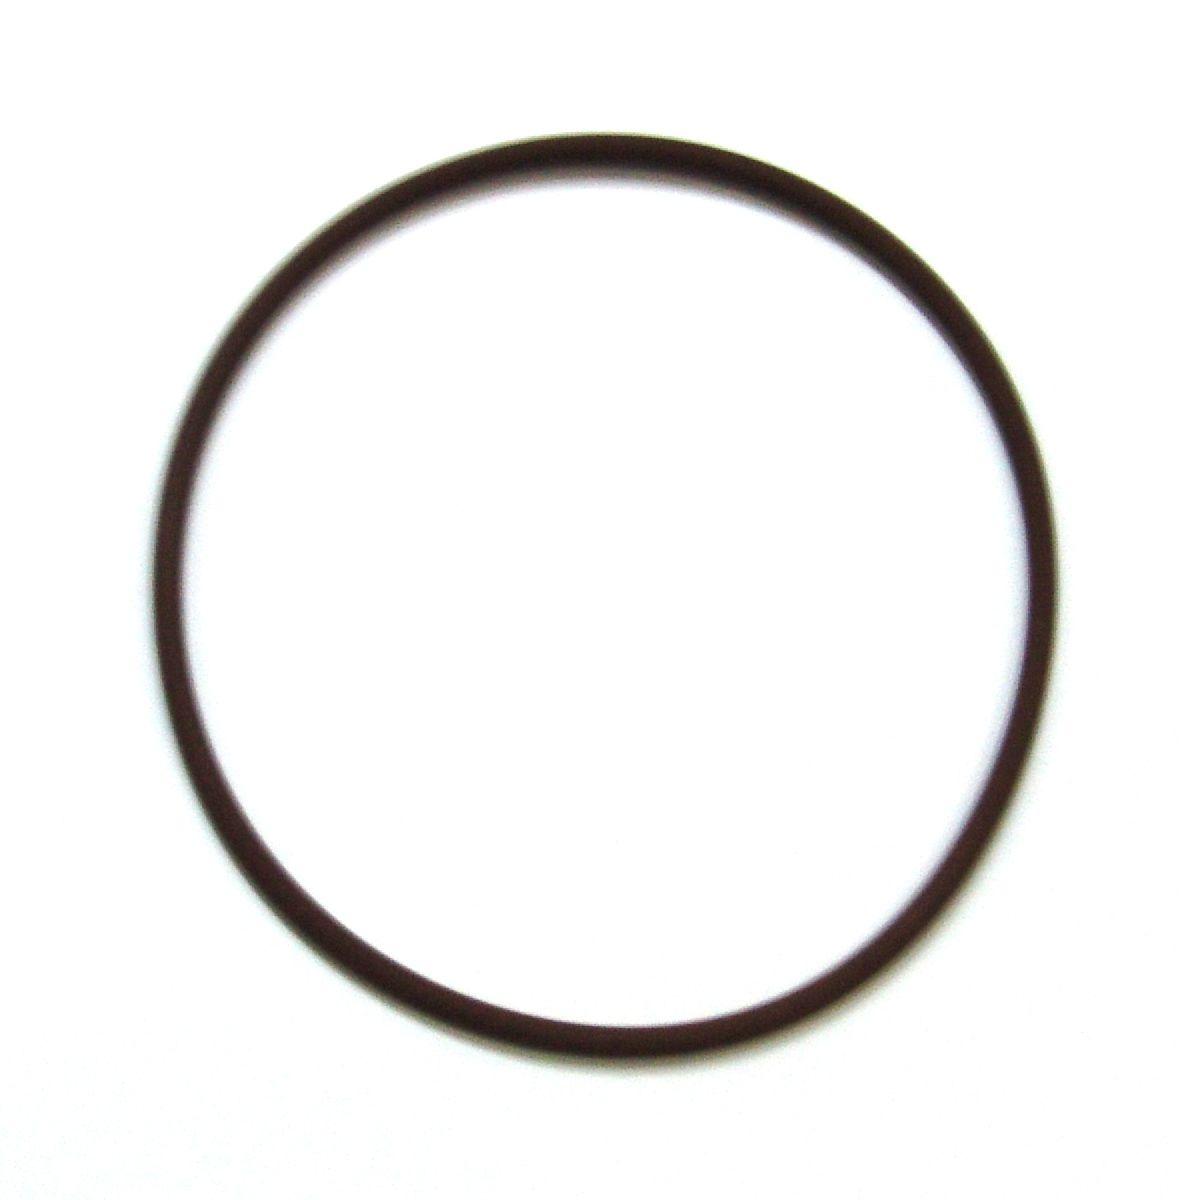 anel ved capa seca fpt nef45 / 67 -  pn 17285481